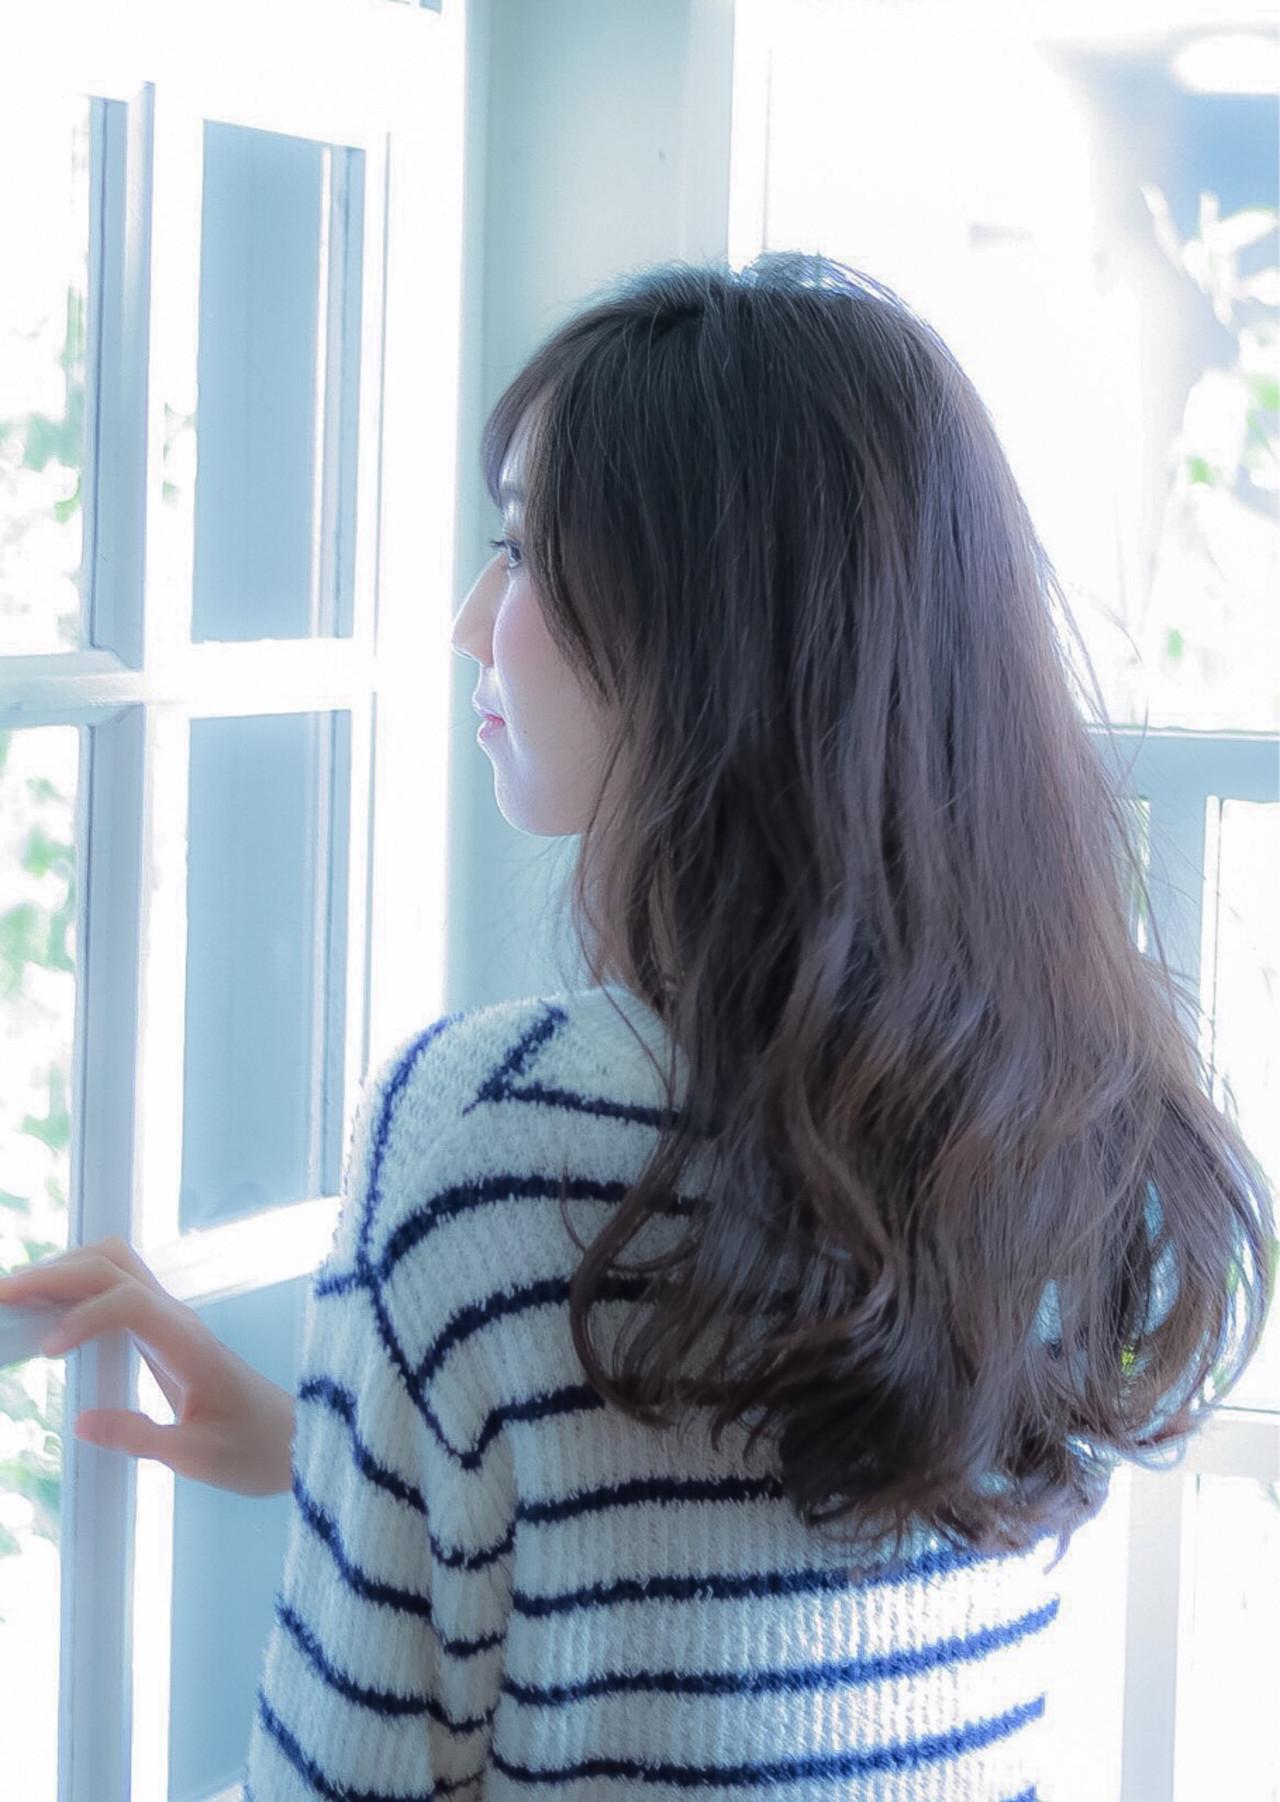 髪型セットにはスタイリング剤がマスト!きれいに仕上げるコツ教えます 田村 恵介 / PLACE IN THE SUN | PLACE IN THE SUN